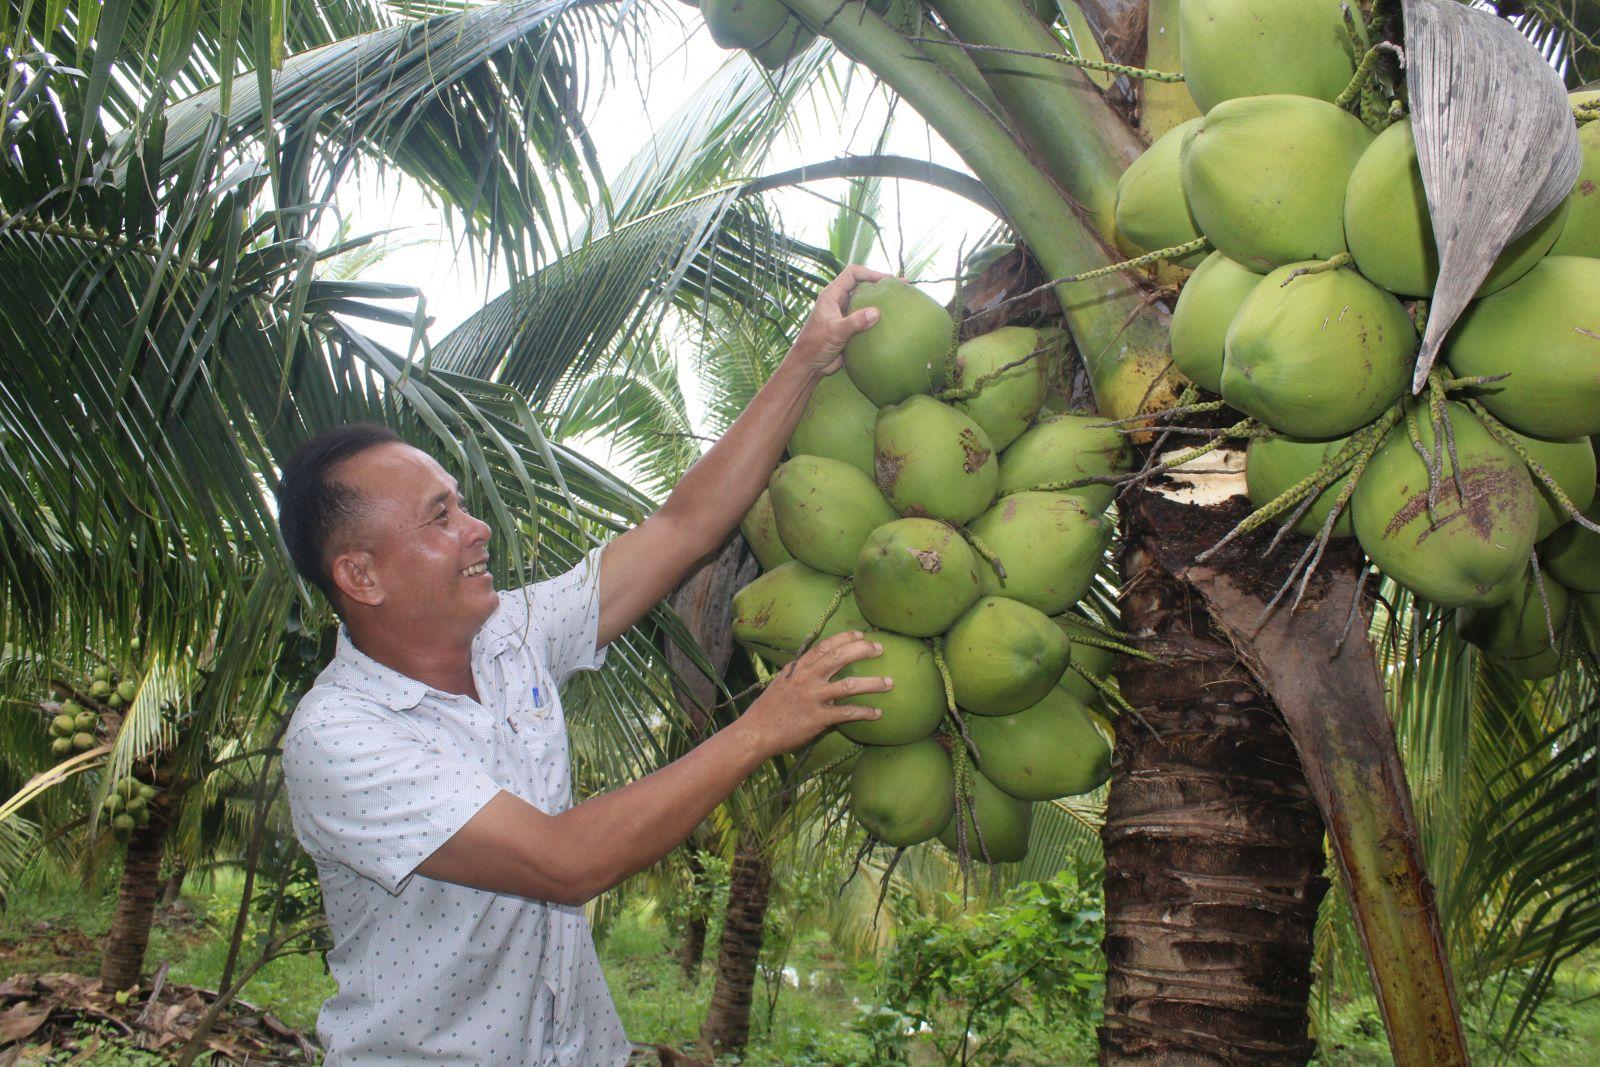 Ông Phi là người đầu tiên đưa giống dừa xiêm dứa bén rễ trên vùng đất khó, từ đó mở ra nhiều hướng đi mới cho nông dân nơi đây vươn lên làm giàu